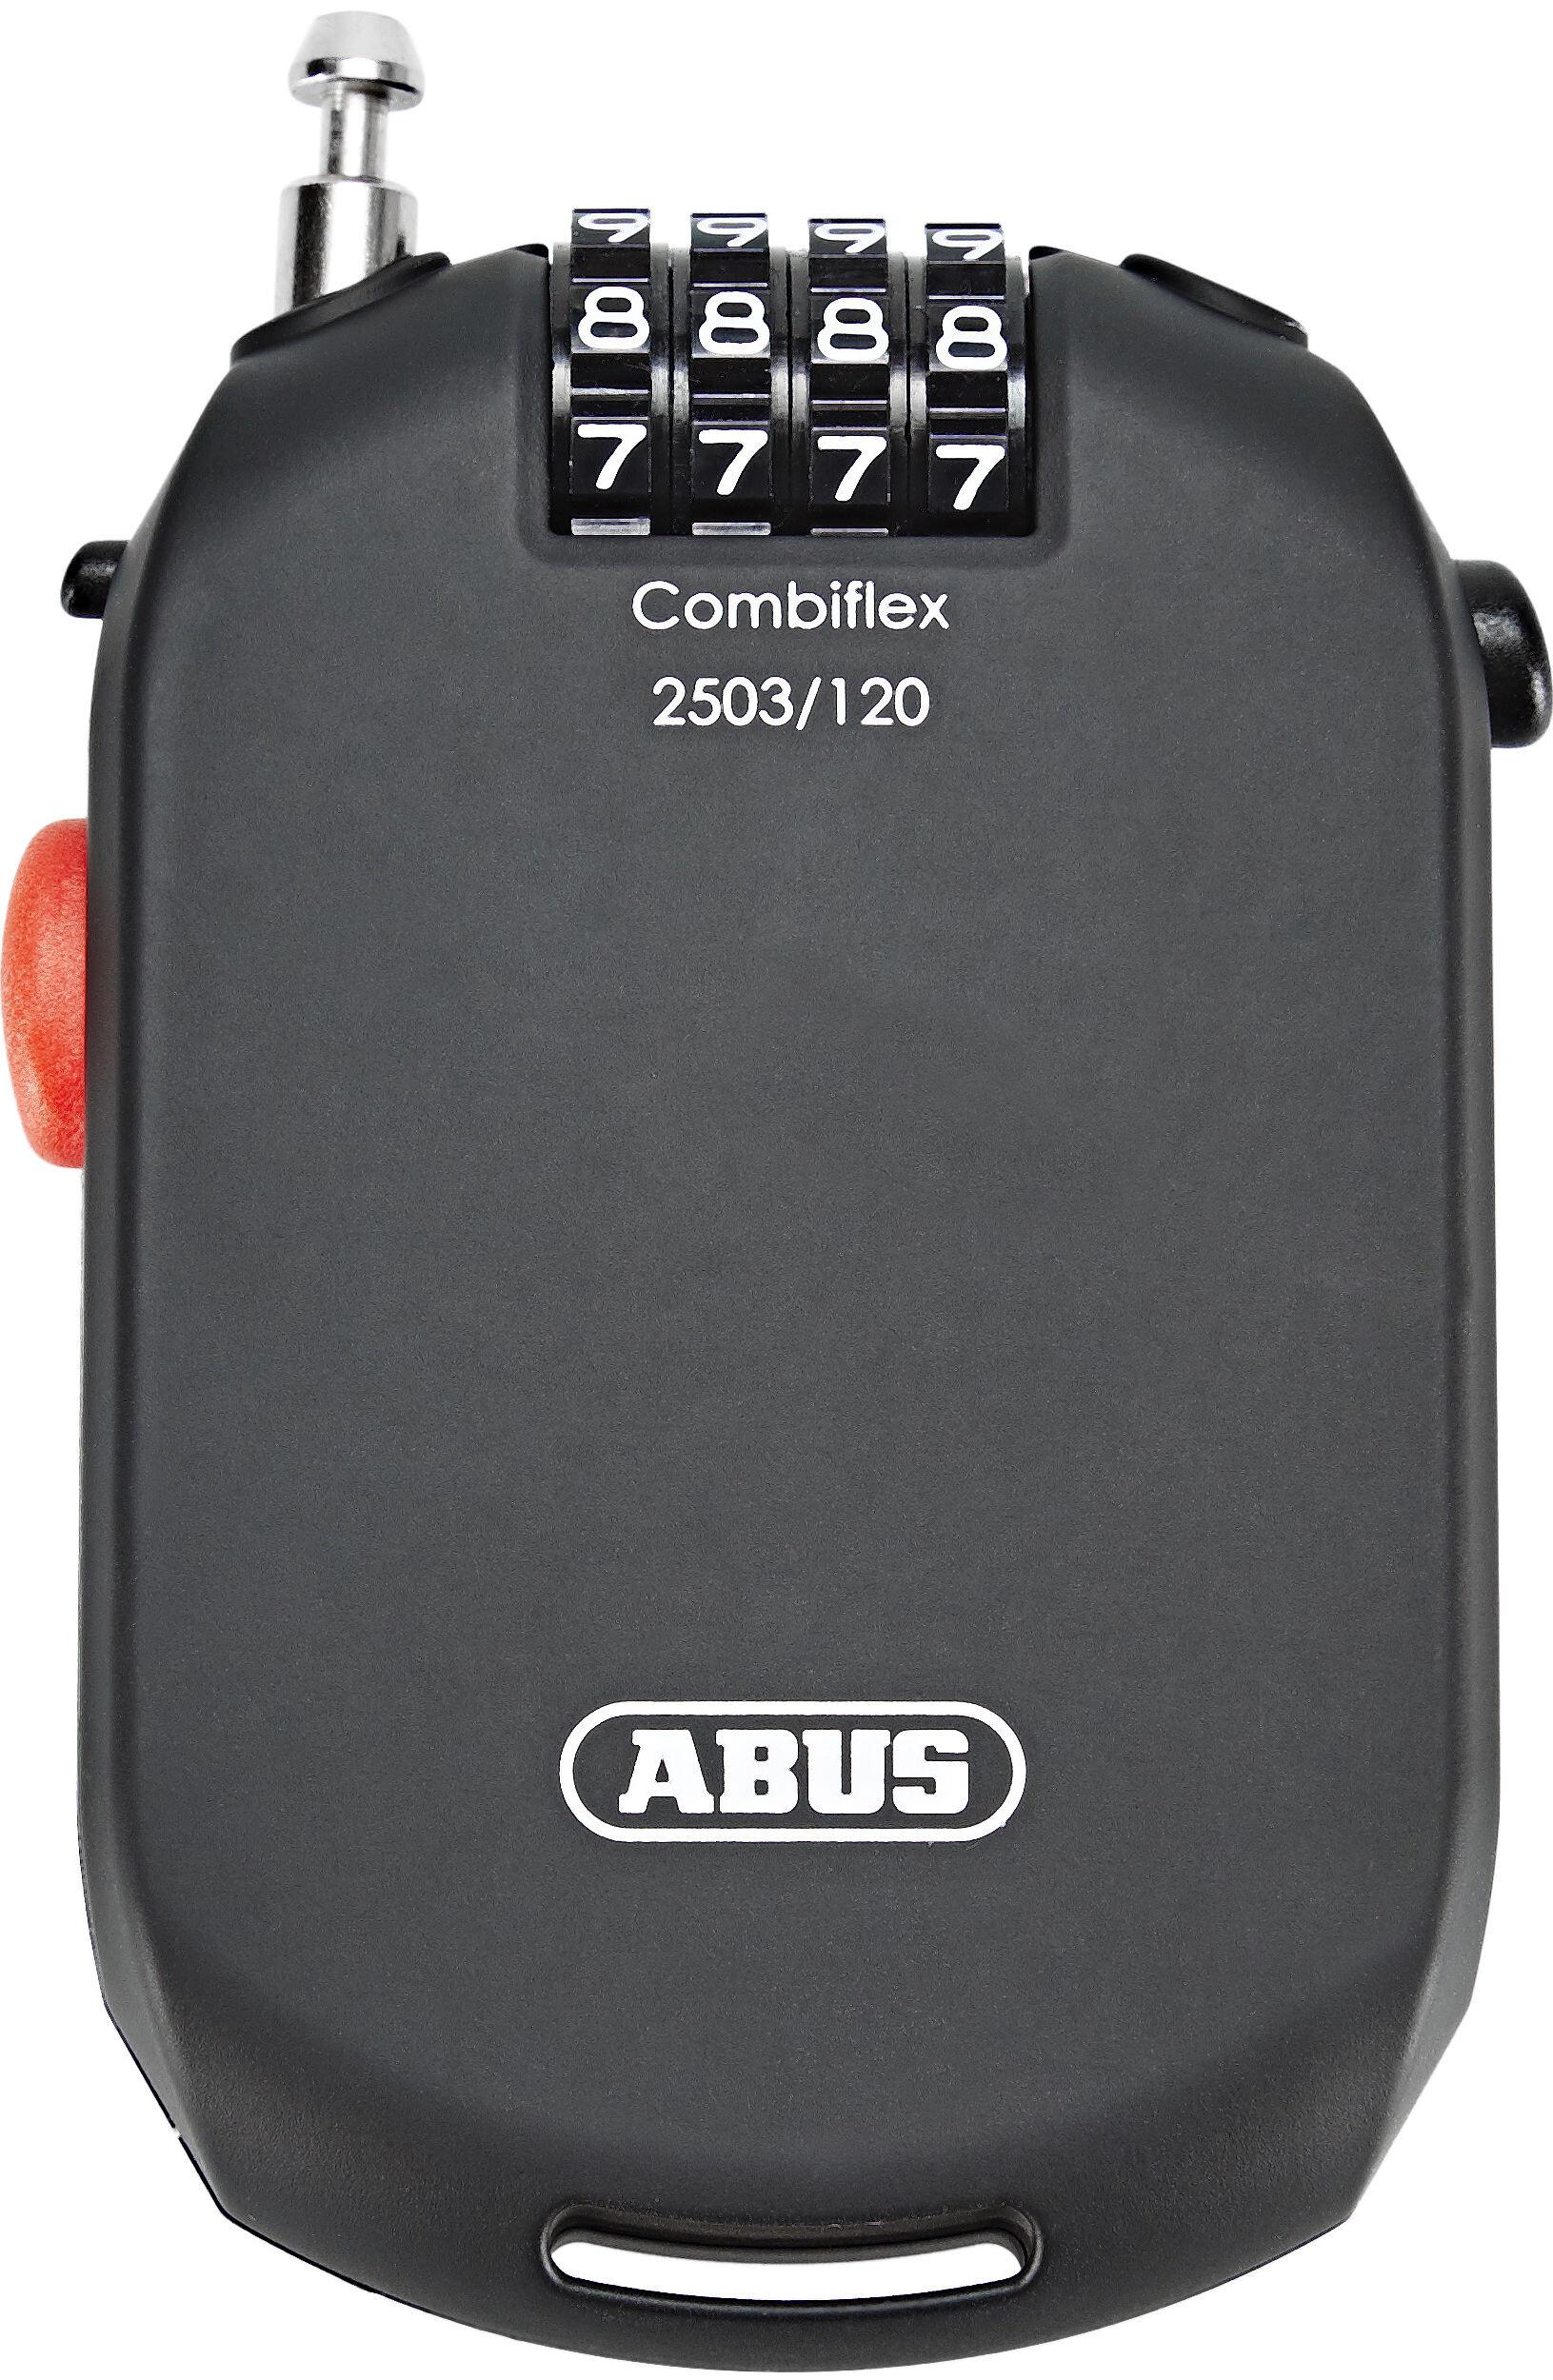 abus combiflex 2503 roll kabelschloss stark zahlen online. Black Bedroom Furniture Sets. Home Design Ideas